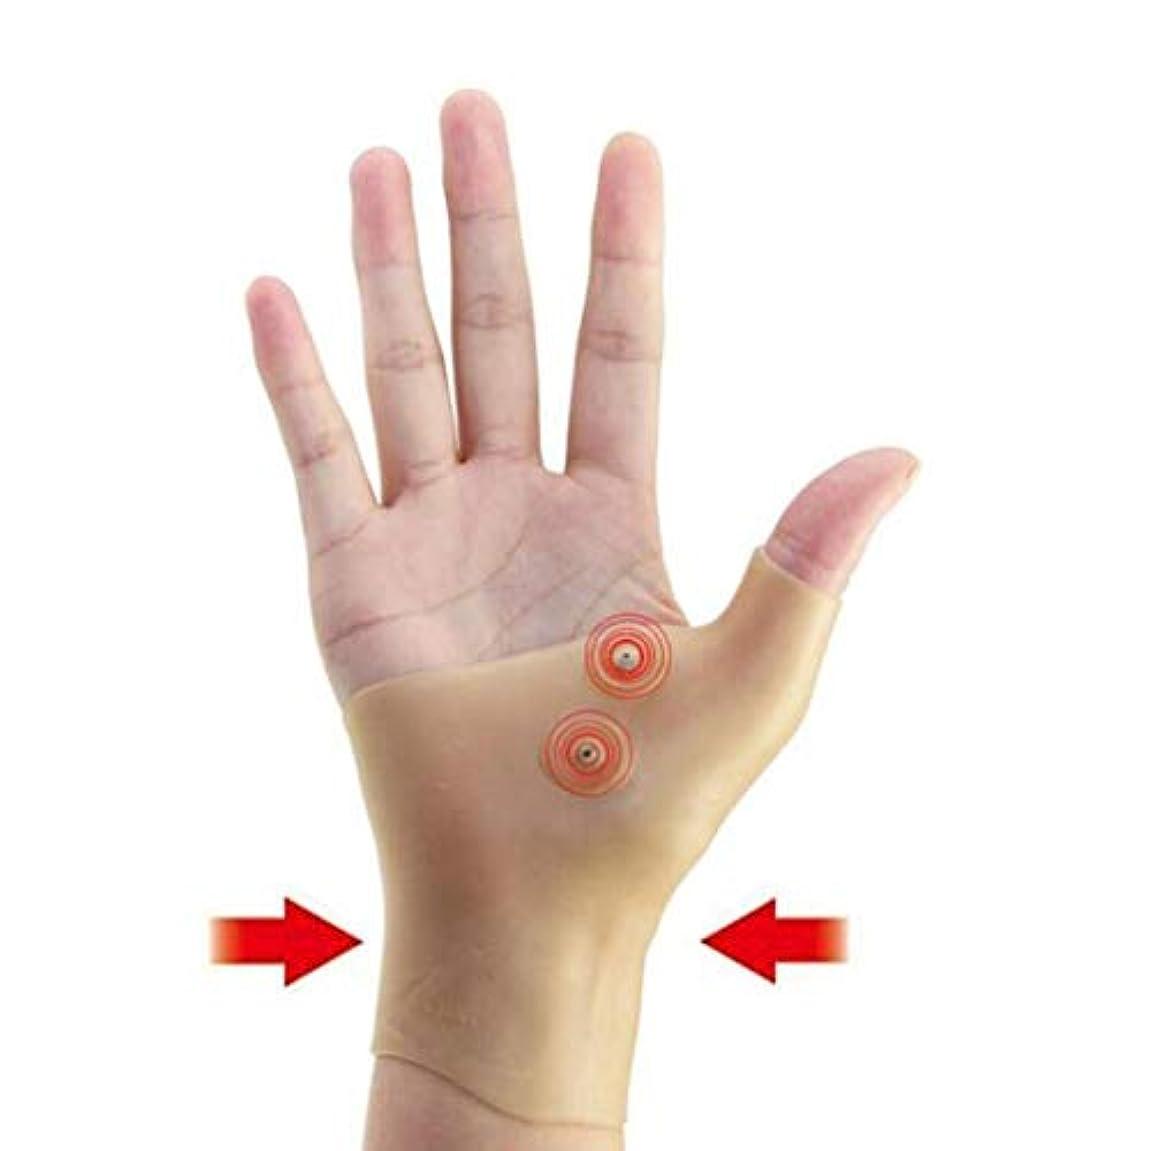 ワームセール健康的磁気療法手首手親指サポート手袋シリコーンゲル関節炎圧力矯正器マッサージ痛み緩和手袋 - 肌の色